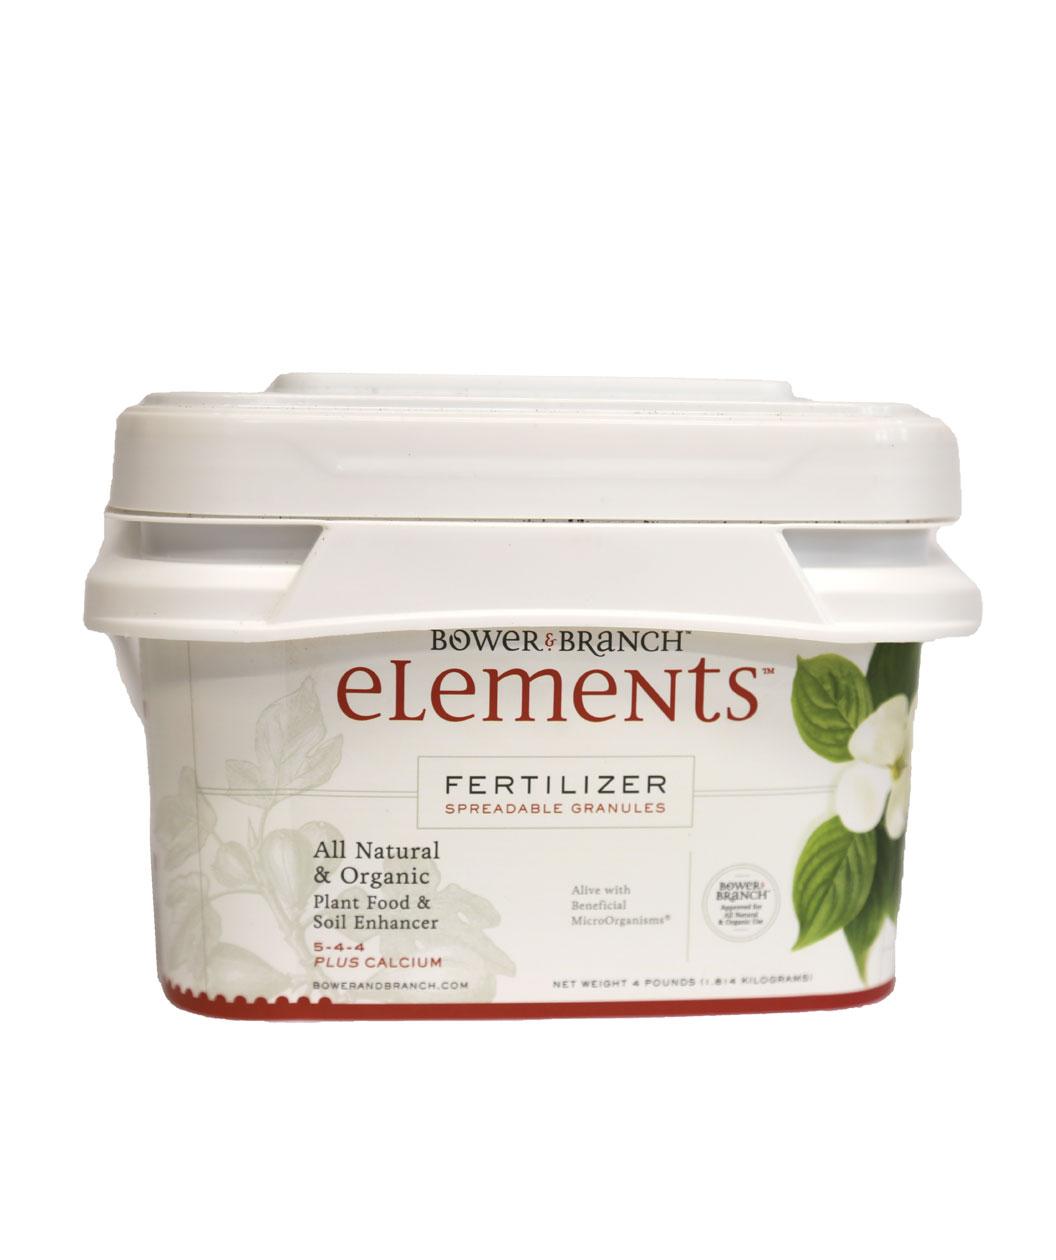 Elements® Fertilizer